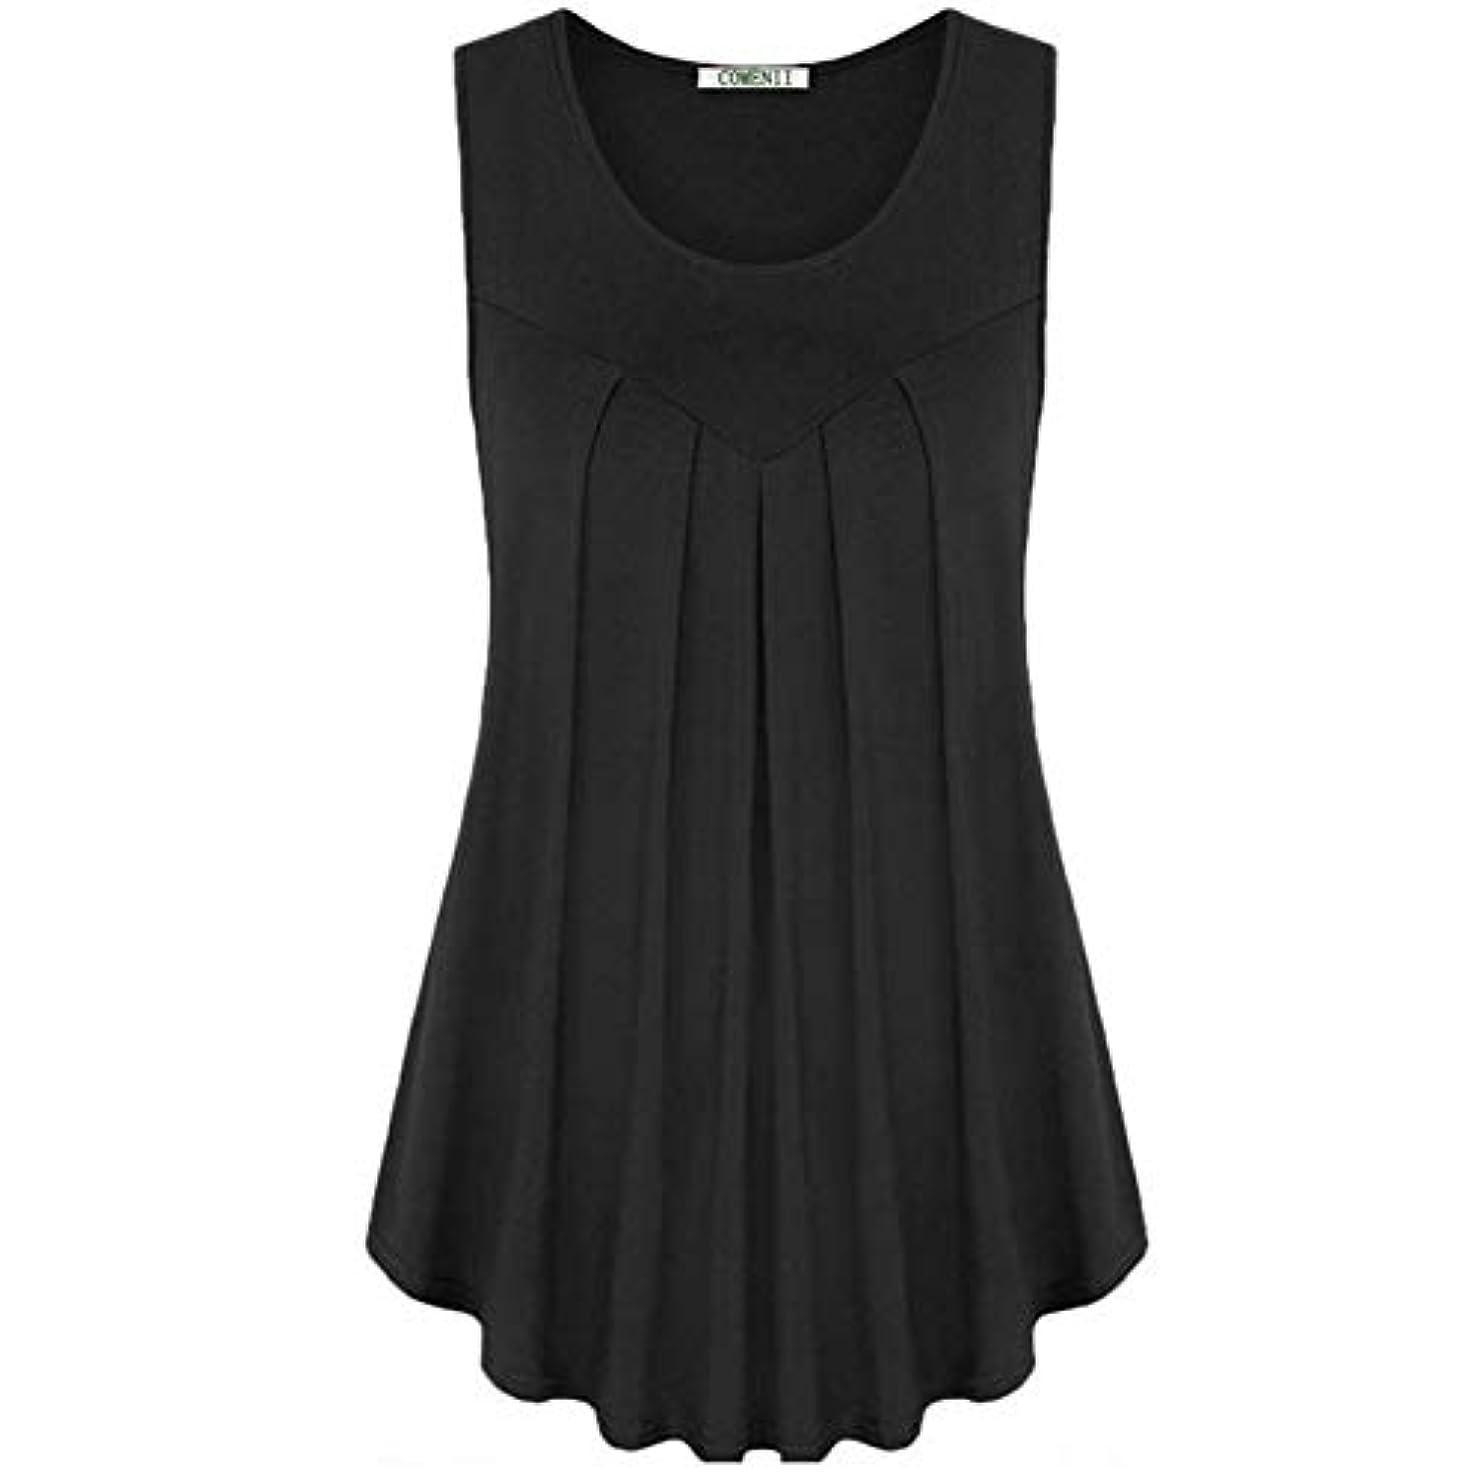 悪行主婦克服するMIFAN の女性のドレスカジュアルな不規則なドレスルースサマービーチTシャツドレス